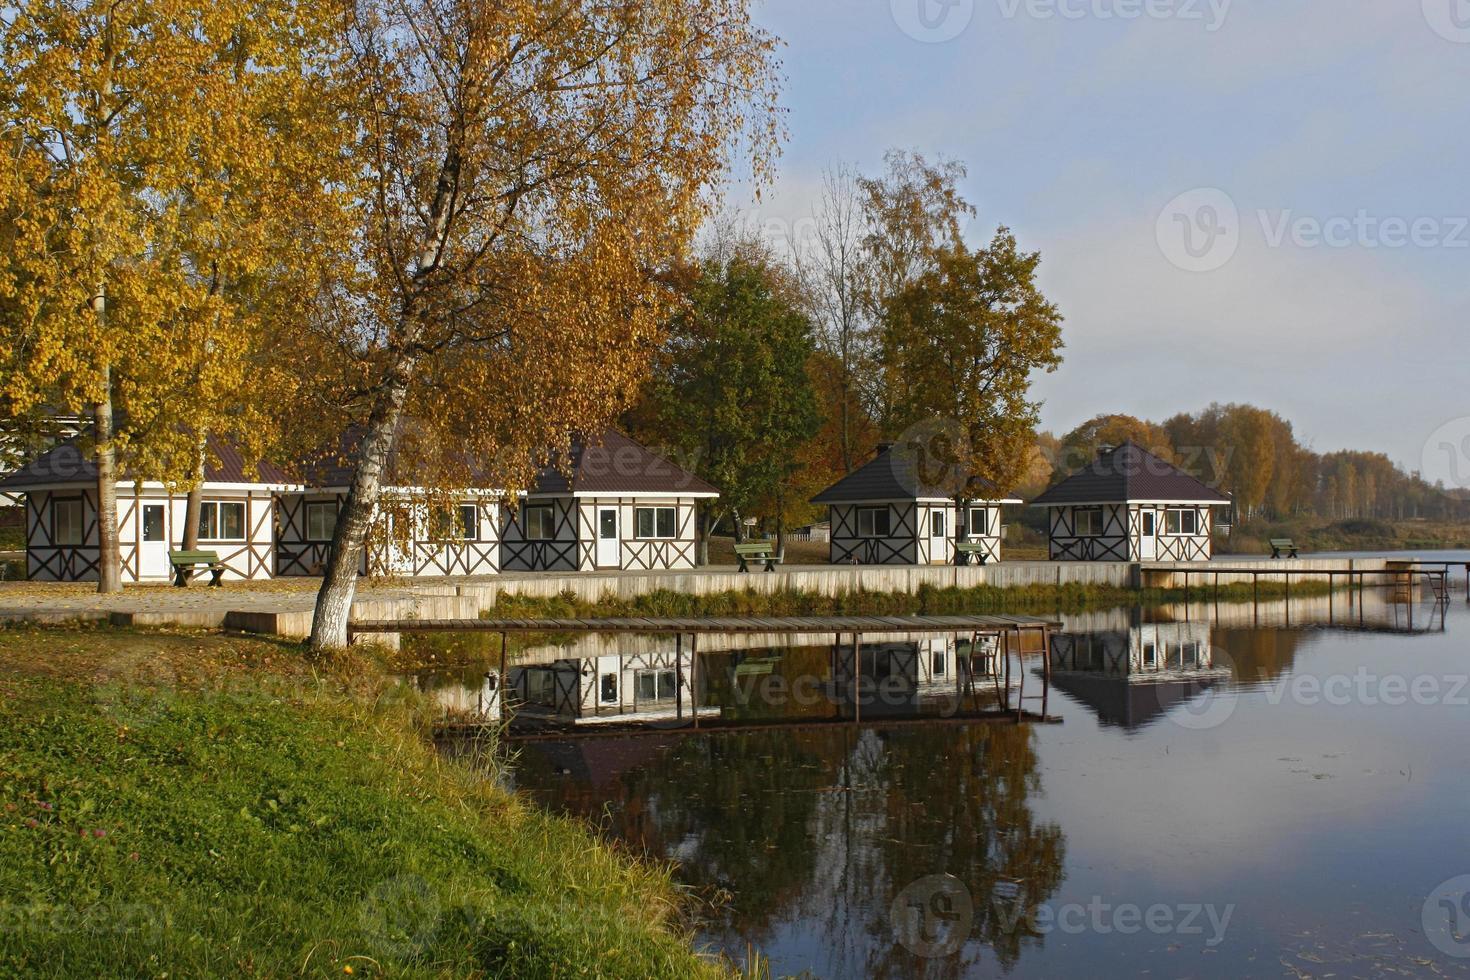 pequeñas casas y muelle en el lago foto